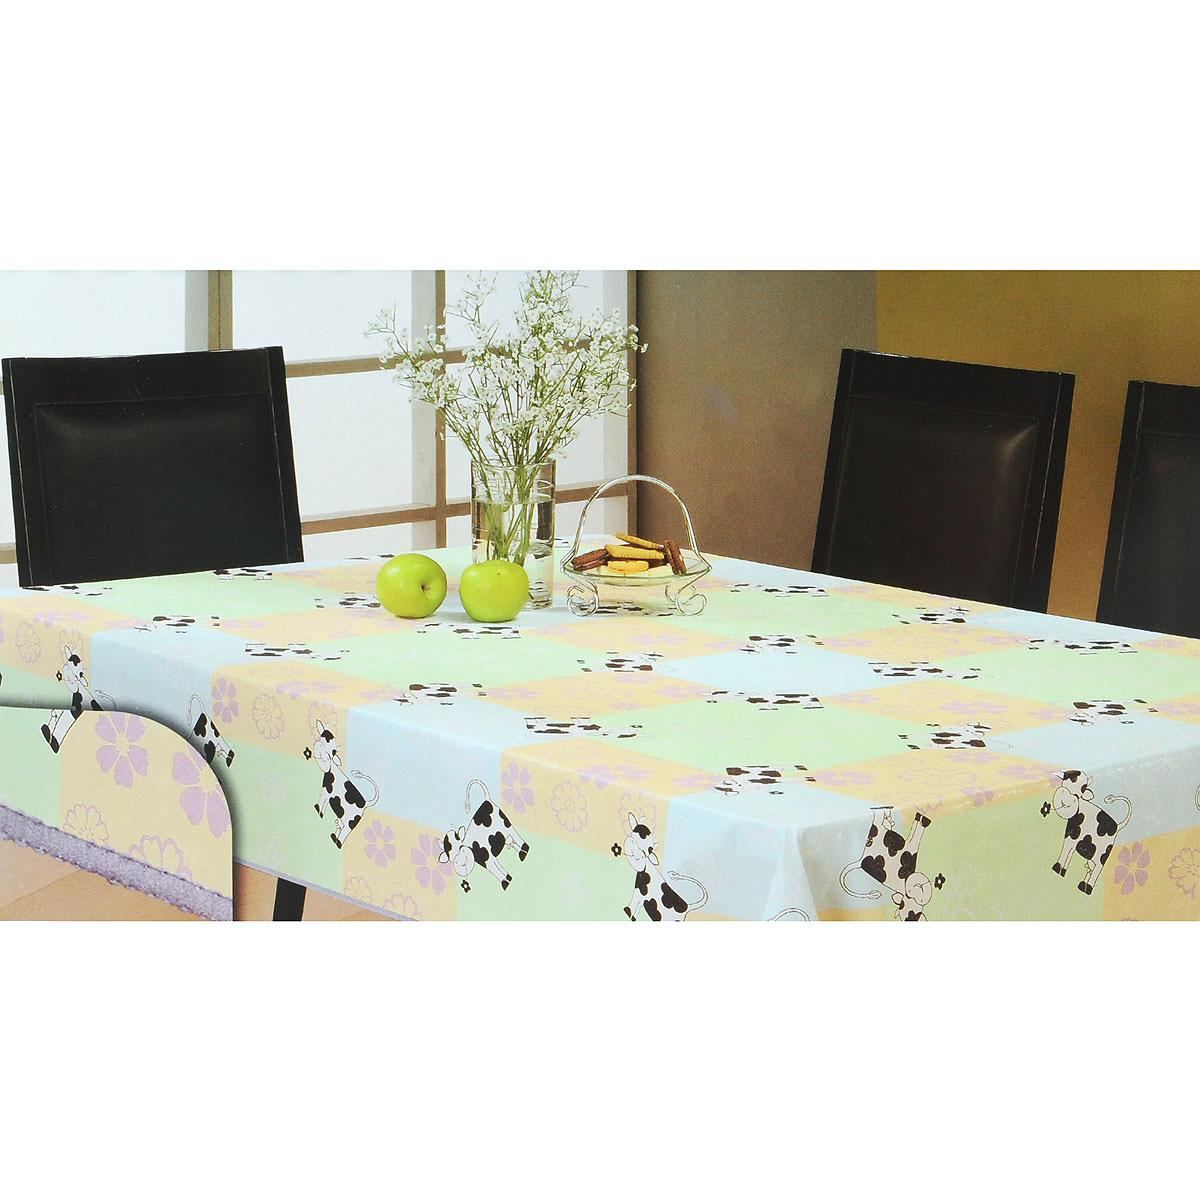 Скатерть White Fox Буренка, прямоугольная, цвет: голубой, светло-зеленый, 120 x 152 смWКTC72-269Прямоугольная скатерть White Fox Буренка, выполненная из ПВХ с основой из флиса, предназначена для защиты стола от царапин, пятен и крошек. Край скатерти обработан строчкой. Скатерть оформлена изображением милых коров, а рифлёная поверхность формирует приятные тактильные ощущения, при этом частички пищи удаляются с легкостью и поверхность остается всегда чистой. Скатерть термостойкая, выдерживает температуру до +70 °C. Скатерть White Fox проста в уходе - её можно протирать любыми моющими средствами при необходимости. Скатерть упакована в виниловый пакет с внутренним цветным вкладышем и подвесом в виде крючка.